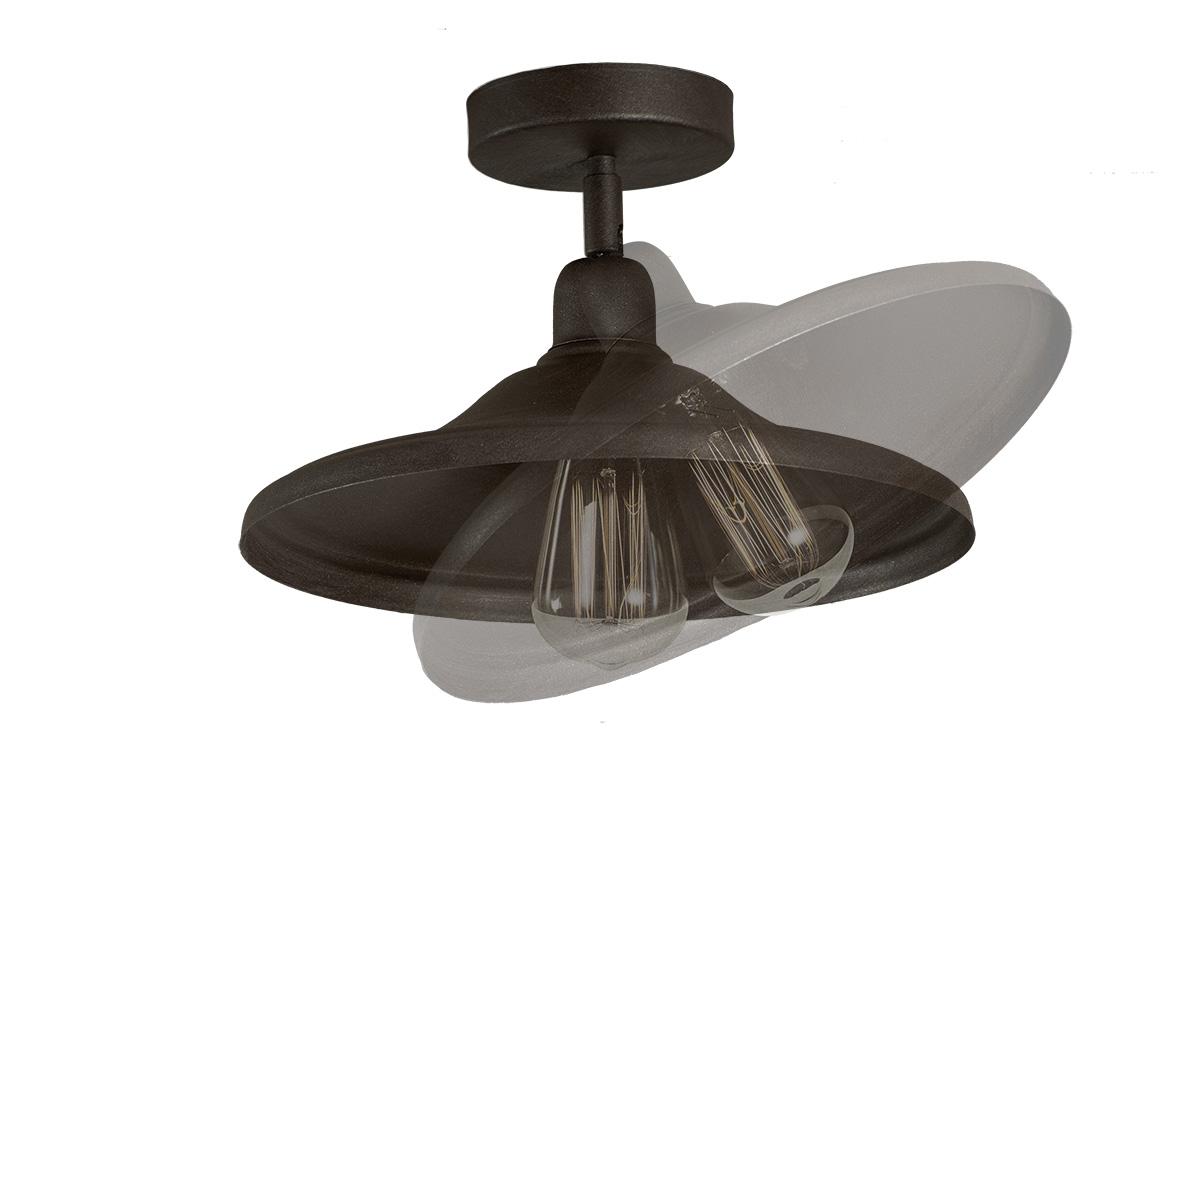 Ρουστίκ φωτιστικό οροφής σε πατίνα γραφίτη ΙΟΣ graphite patinated rustic ceiling lamp